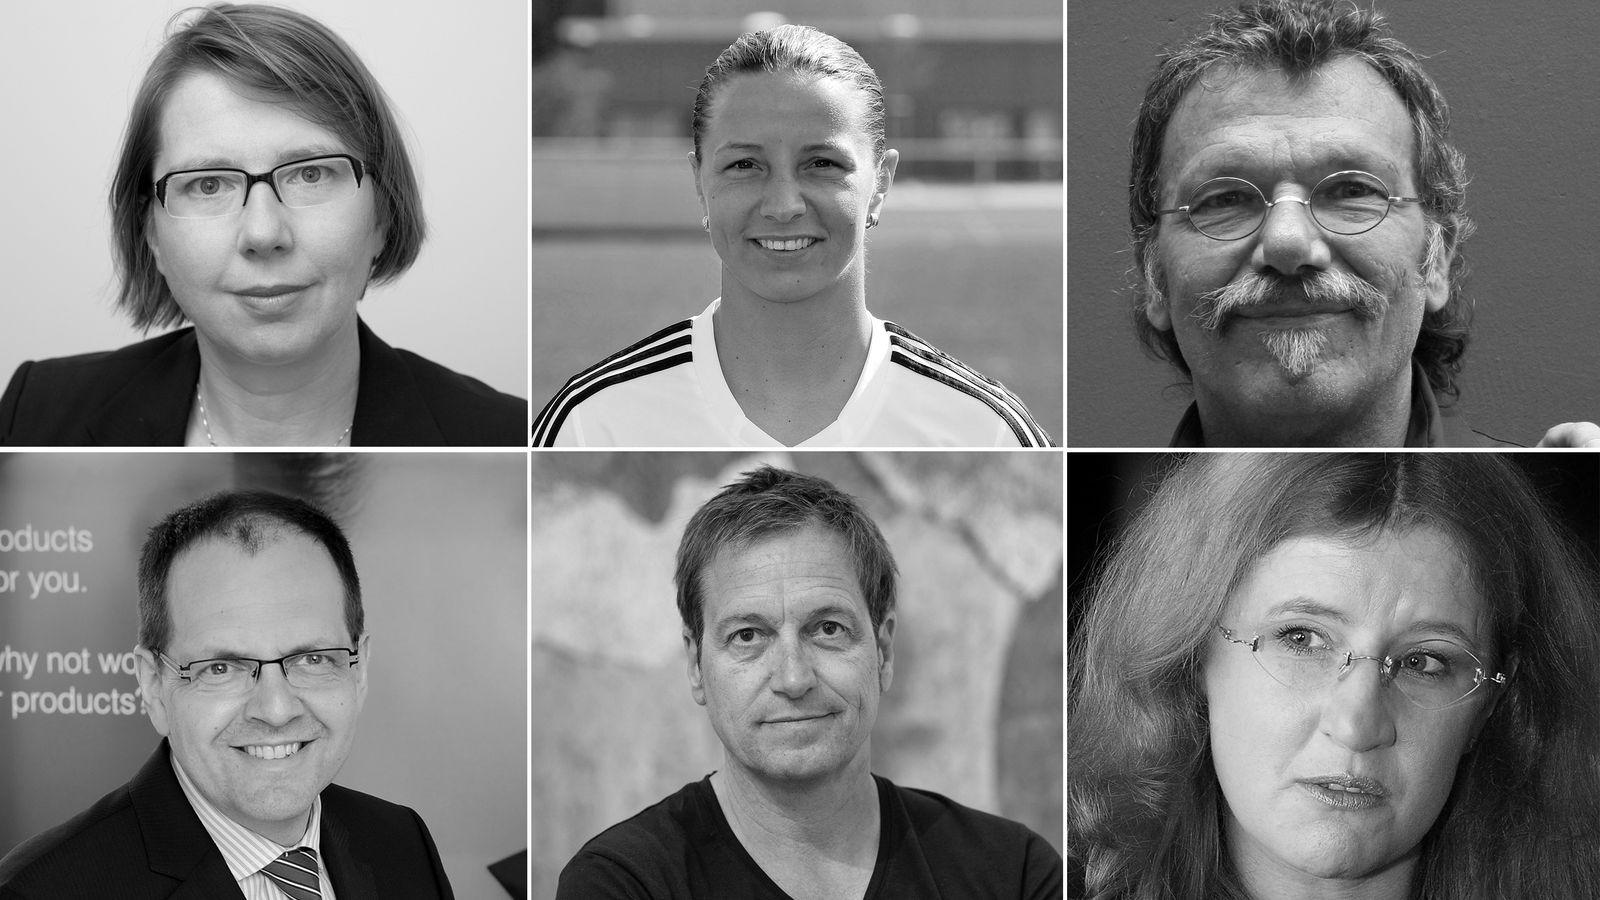 KOMBO Elsbeth Stern, Inka Grings, Bernhard Rohloff, Markus Bonsels, Dieter Nuhr, Anne Koark